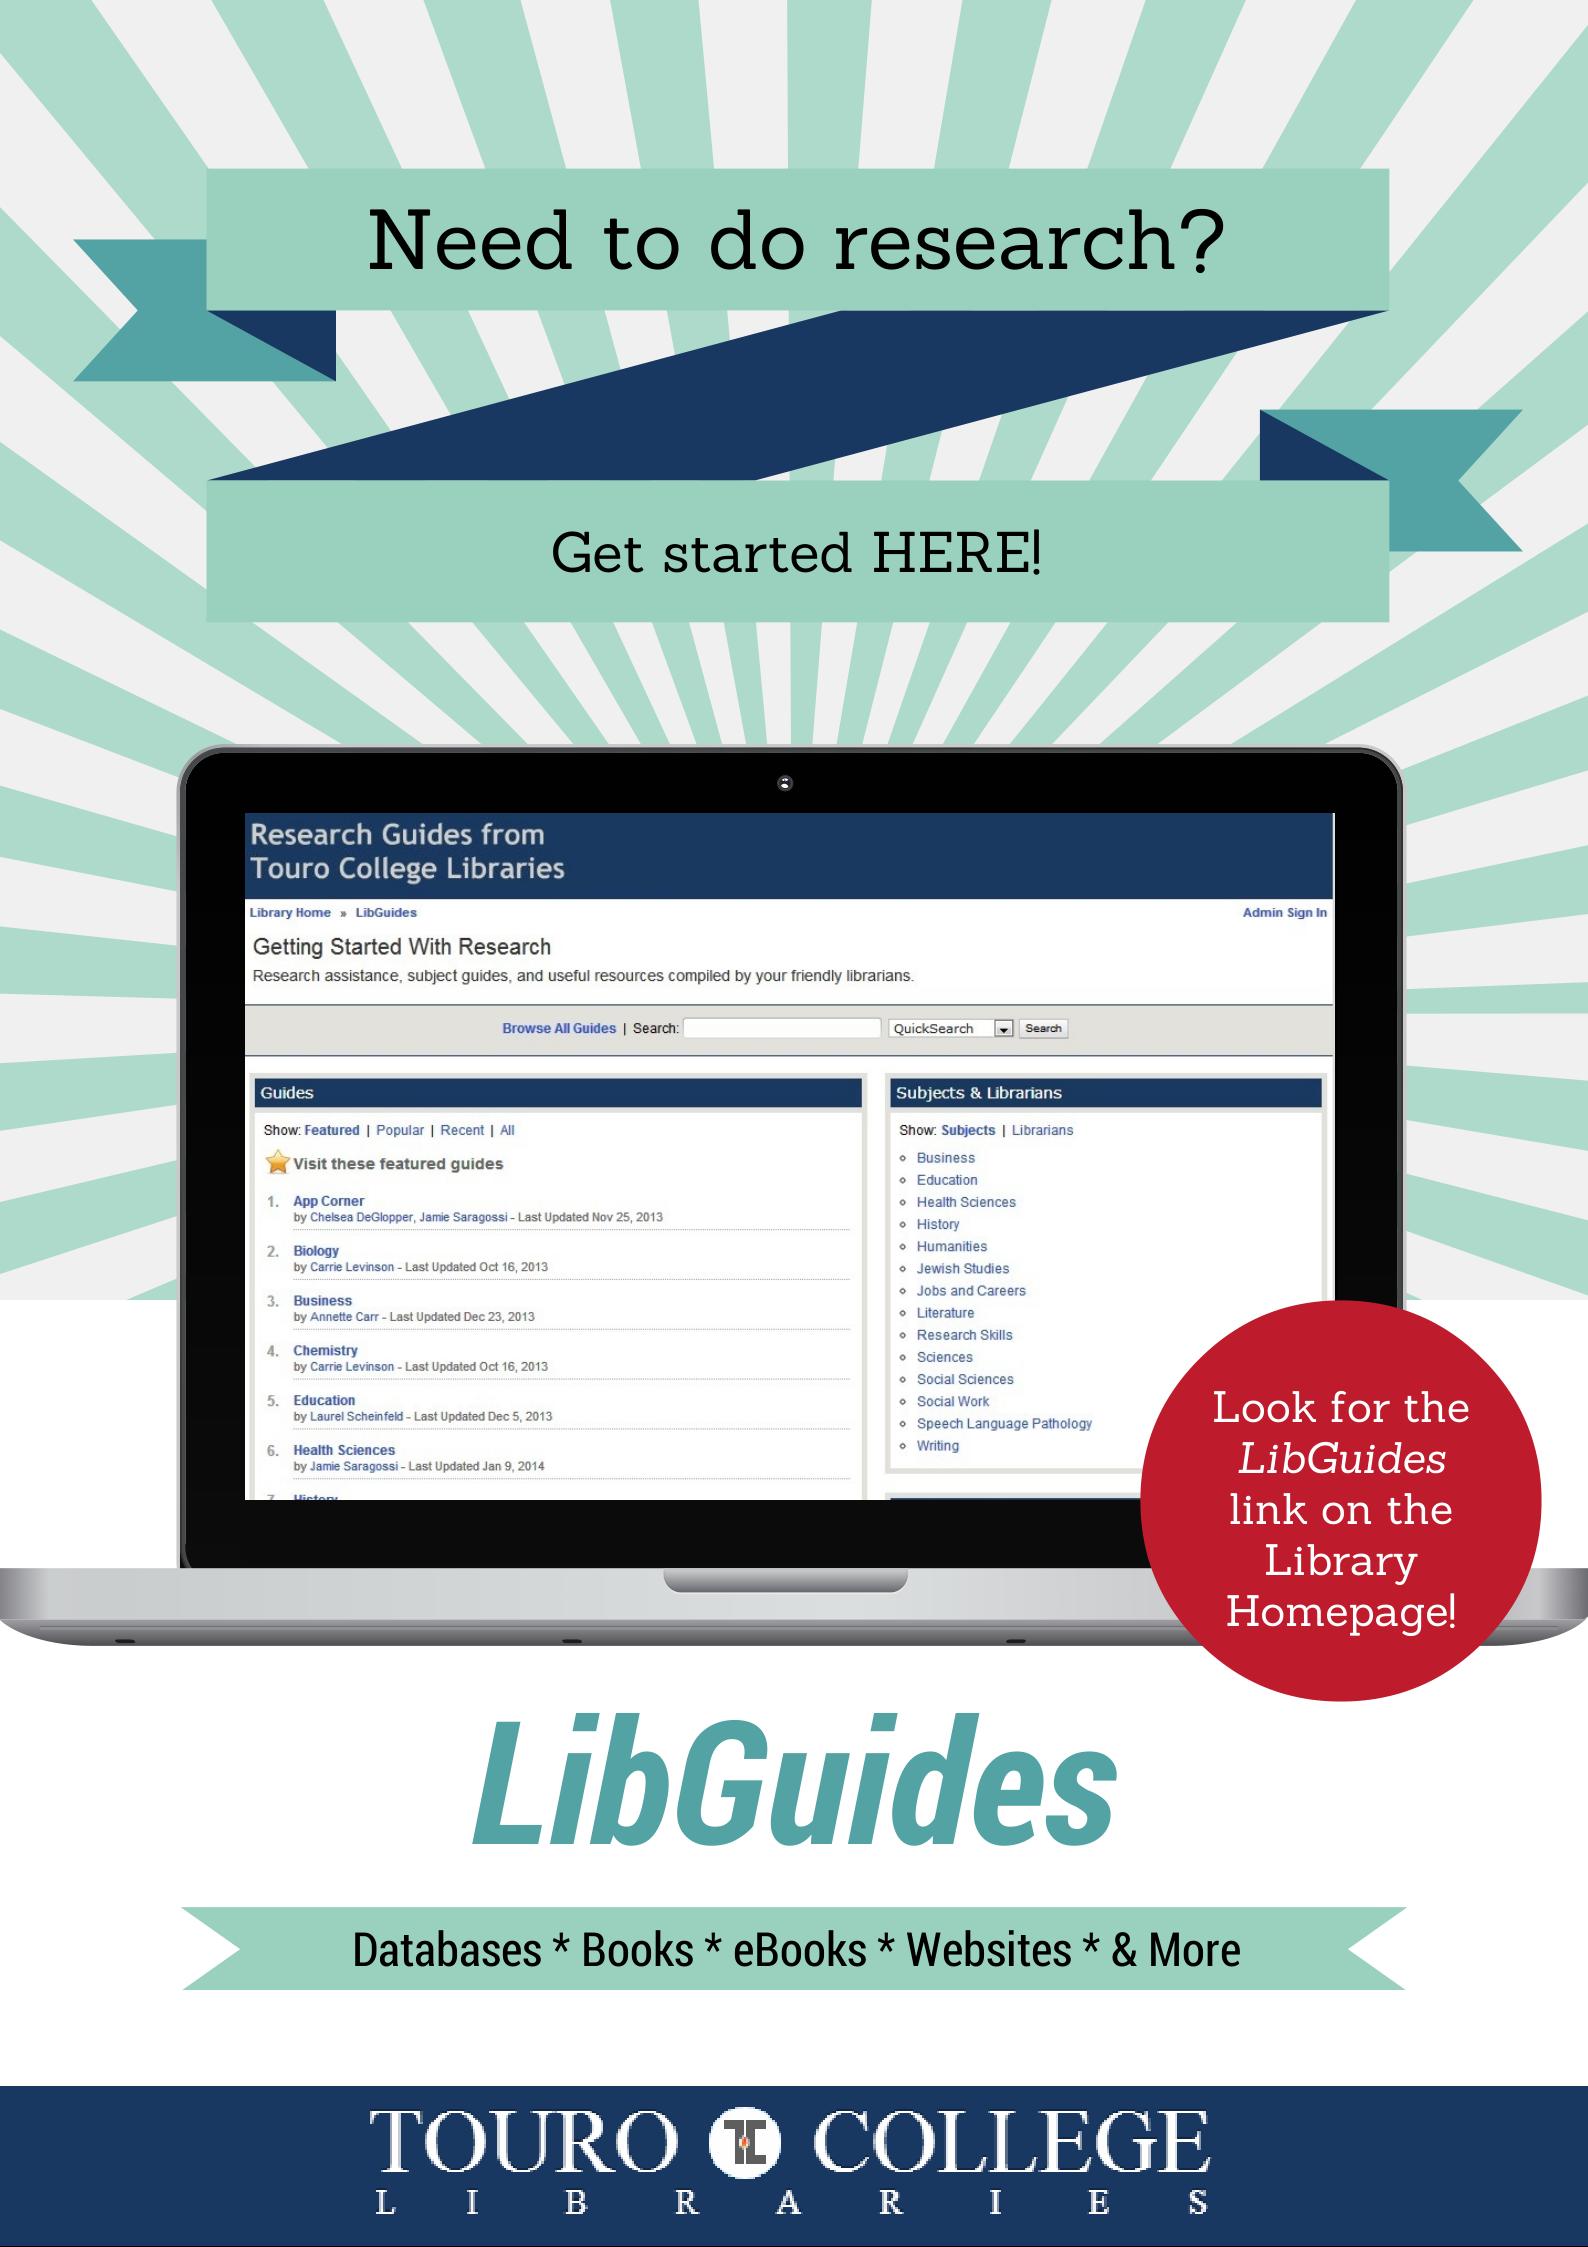 LibGuides Flyer 1-14-14